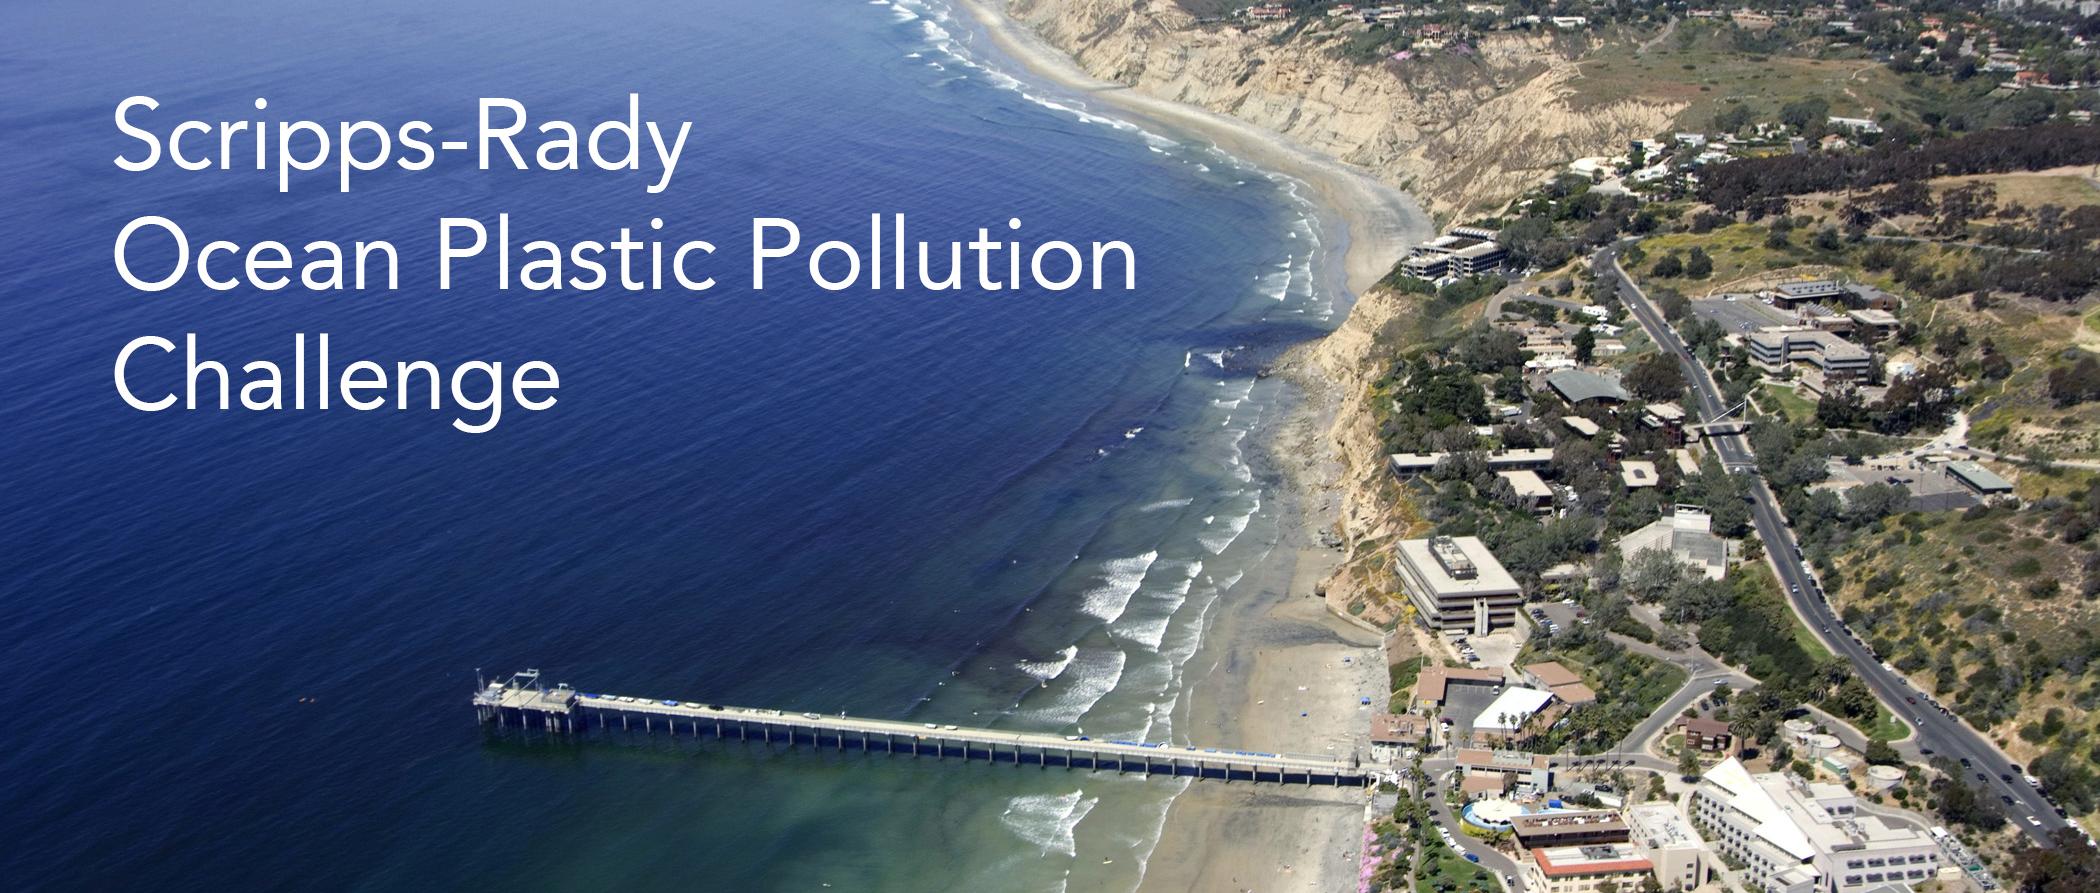 scripps-rady ocean plastic pollution challenge